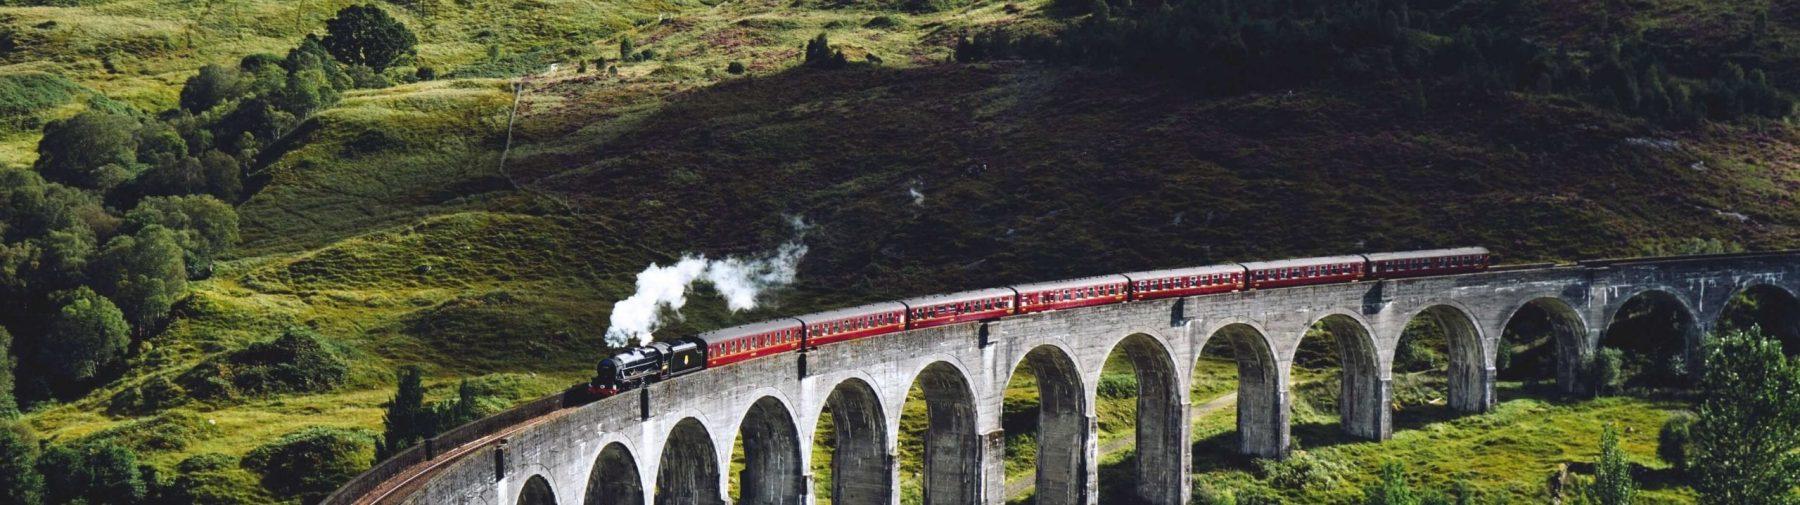 Clyde Valley - Wisata Desa Lembah Skotlandia - Tempat Wisata Terbaru Skotlandia